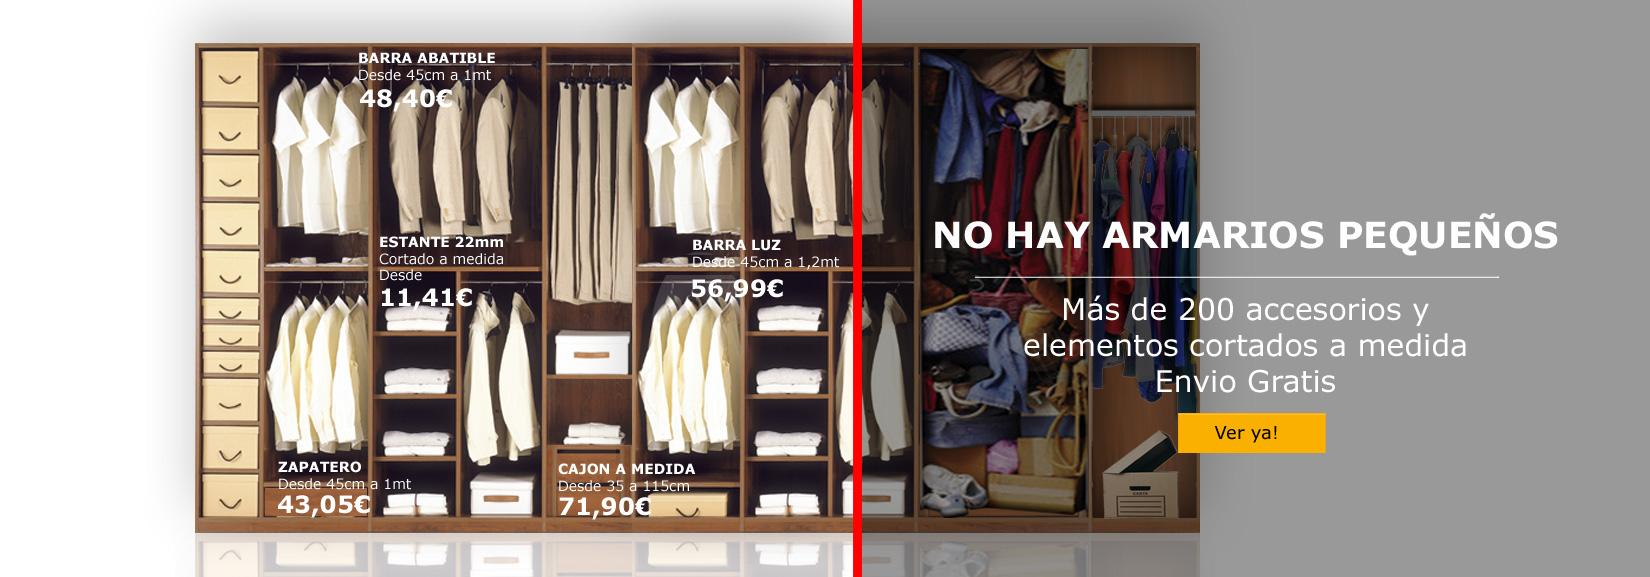 Saiton armarios accesorios para armarios - Accesorios para armarios roperos ...